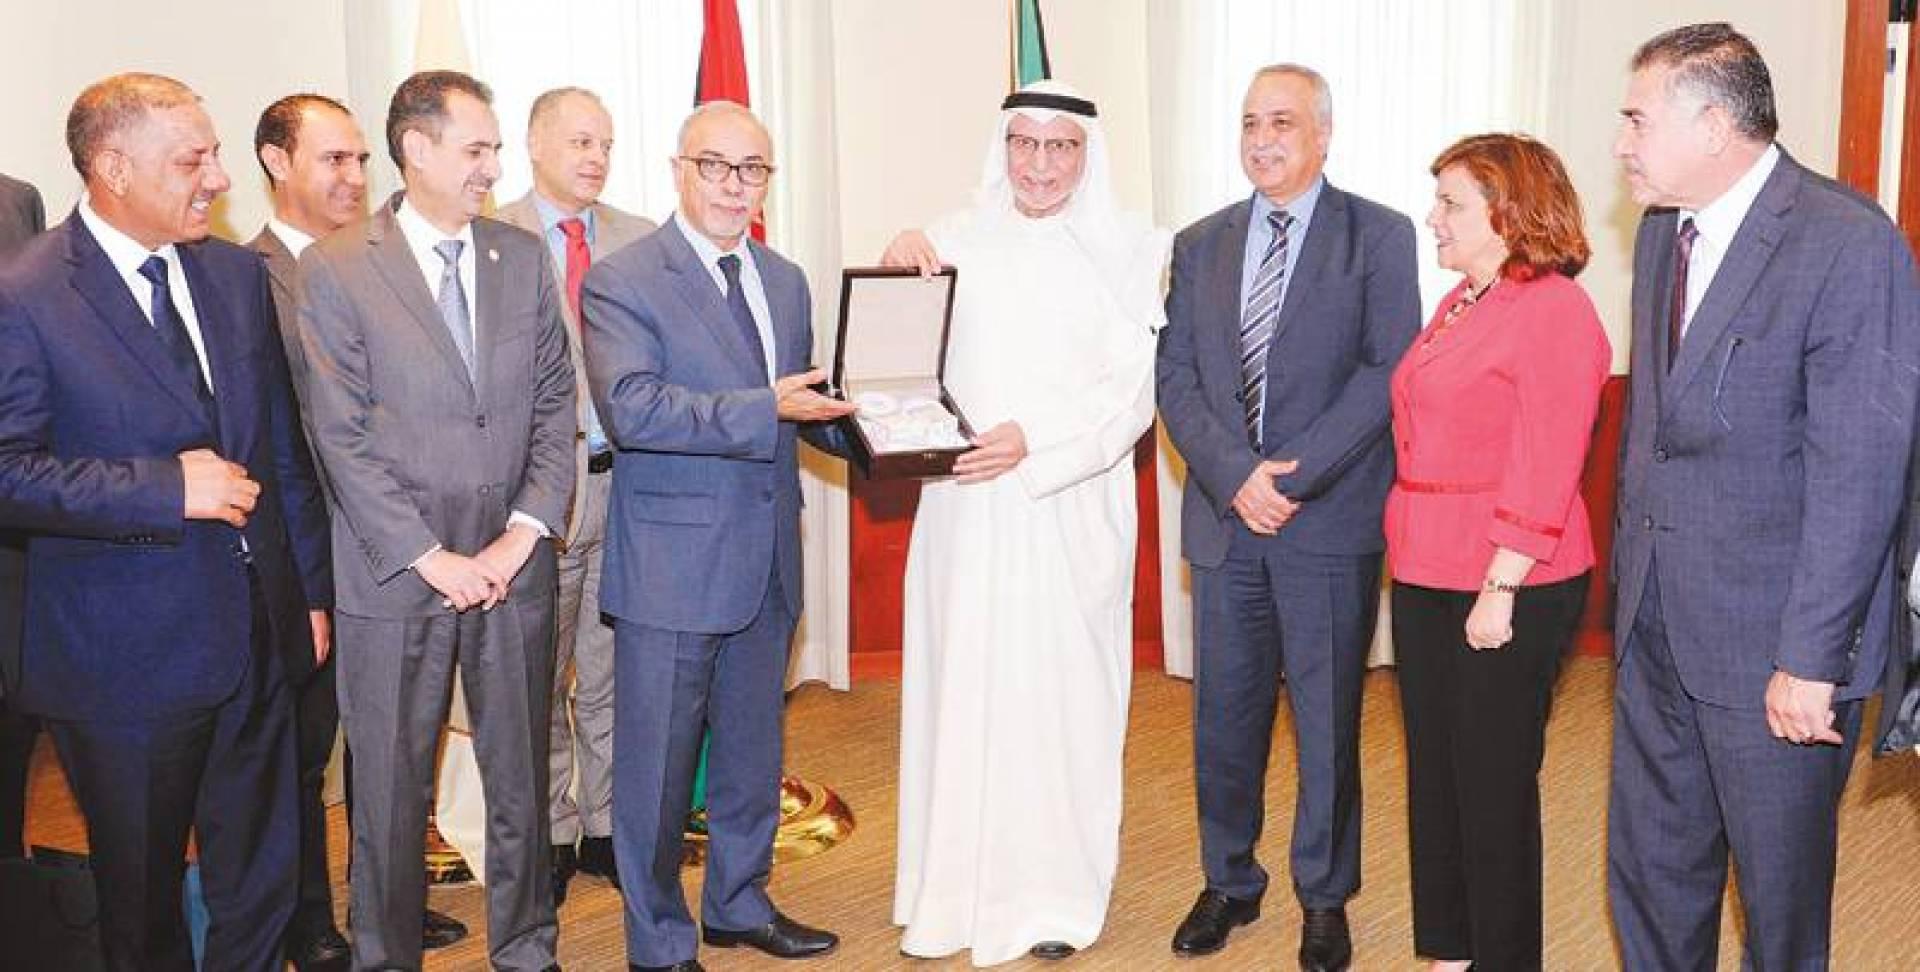 الوزان: 18 مليار دولار استثمارات كويتية في الأردن